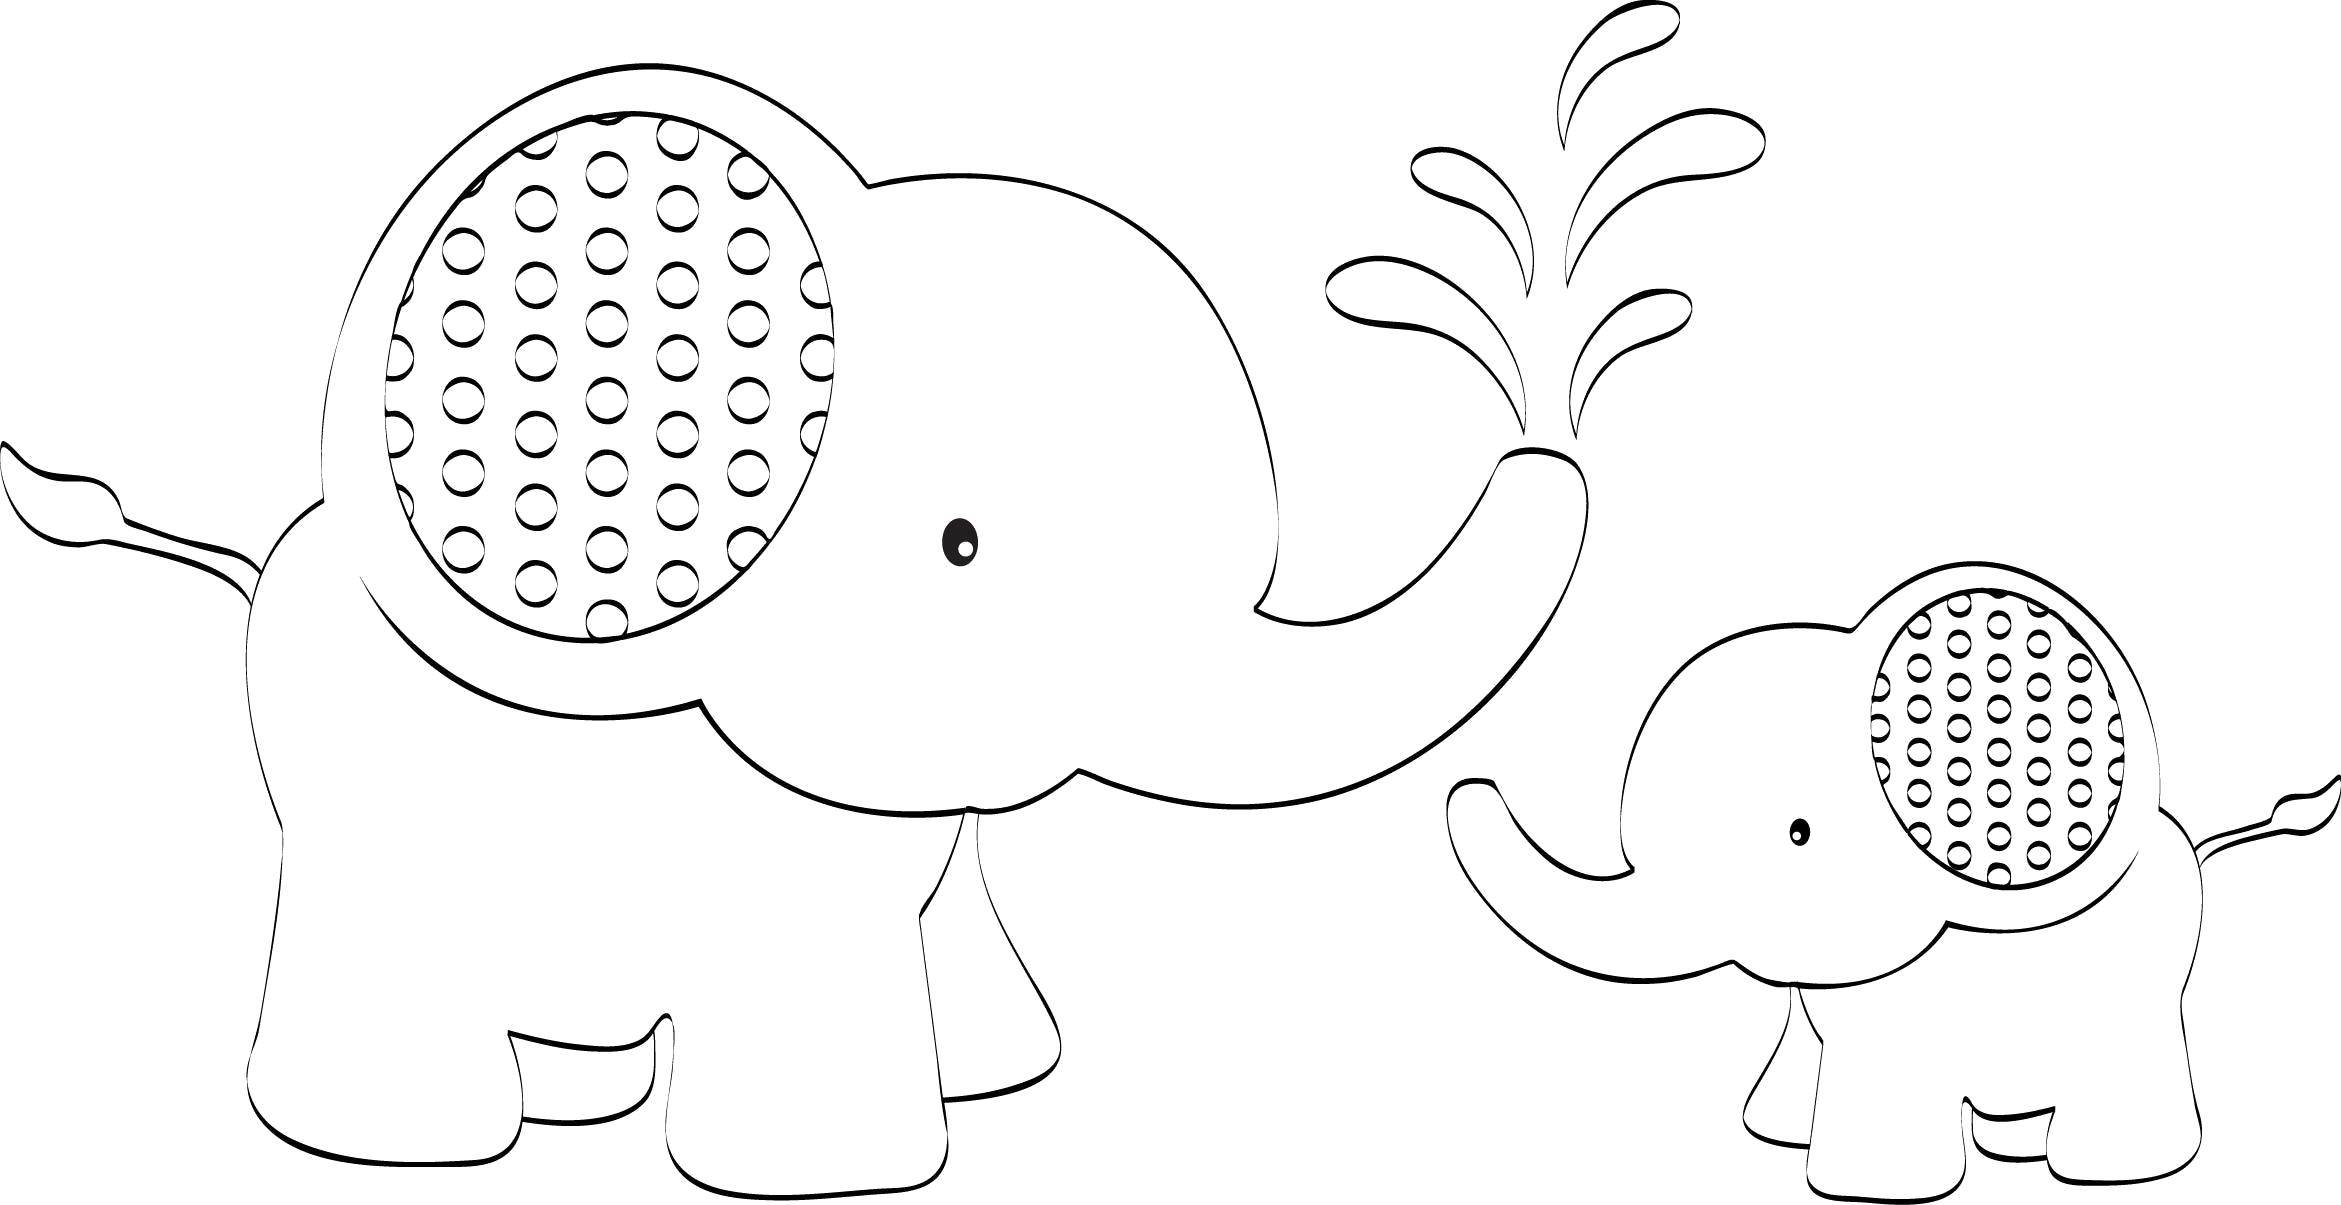 Название: Раскраска Ушки в крапинку. Категория: раскраски антистресс. Теги: Антистресс.